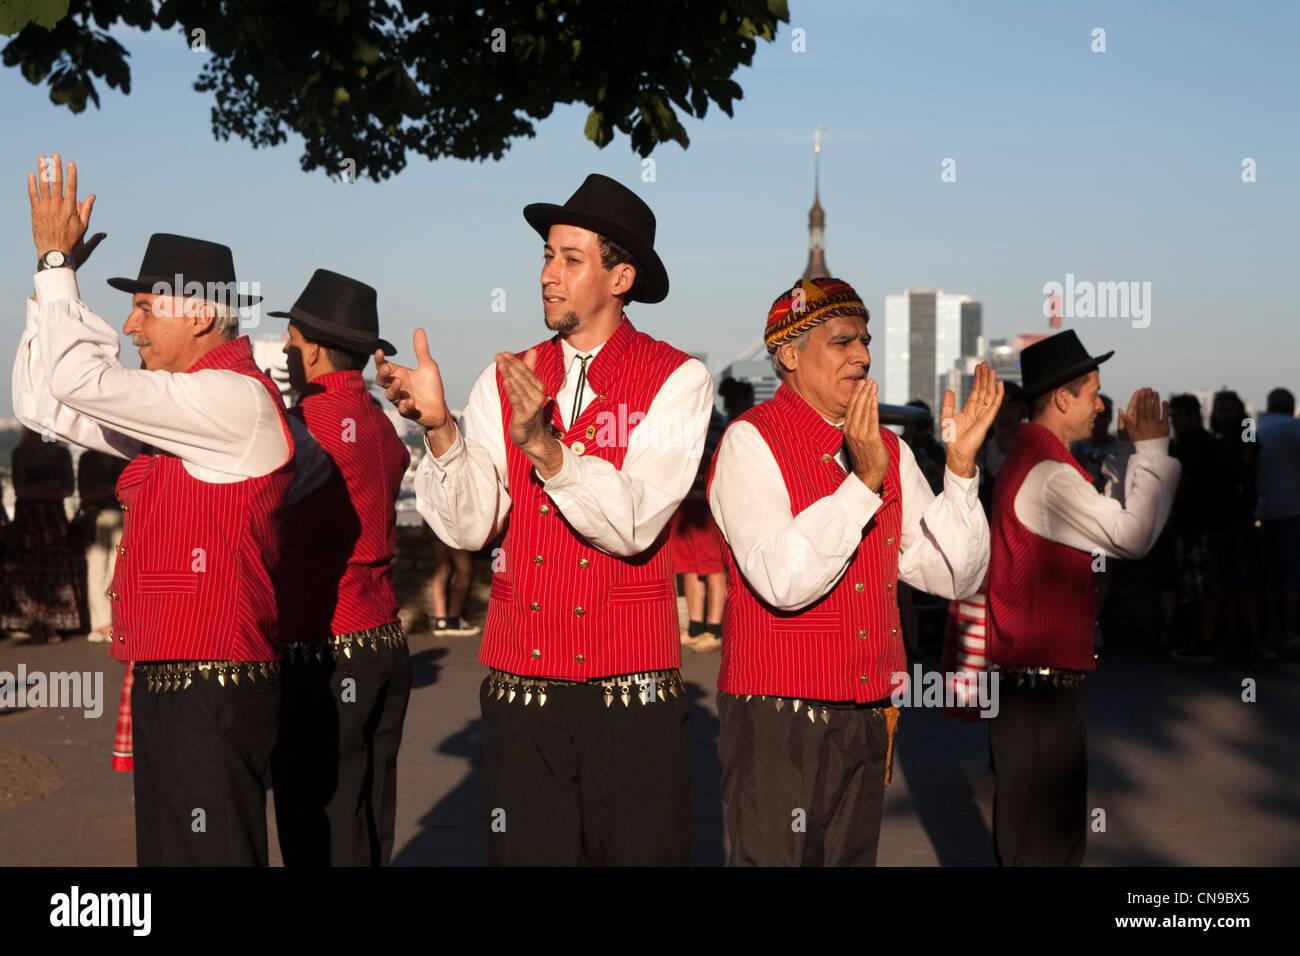 Estonia (Baltic States), Harju Region, Tallinn, folk dance on Toompea Hill Stock Photo